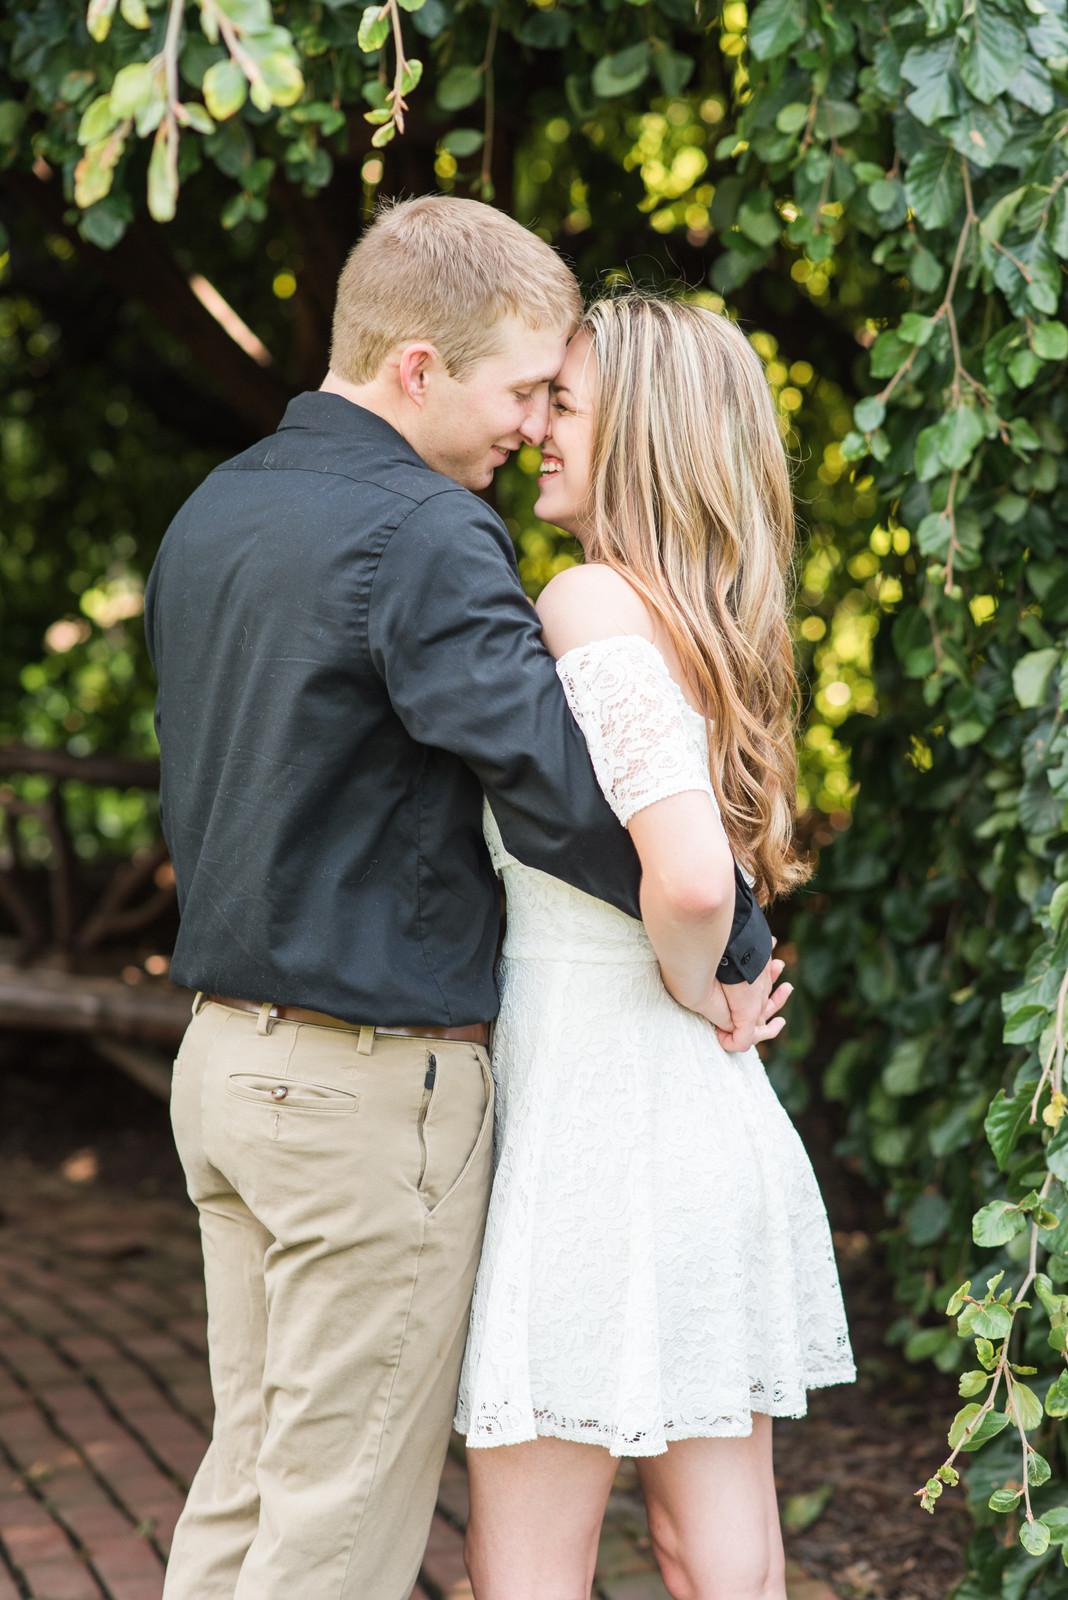 Adam og Eva dating ekteskap byrå